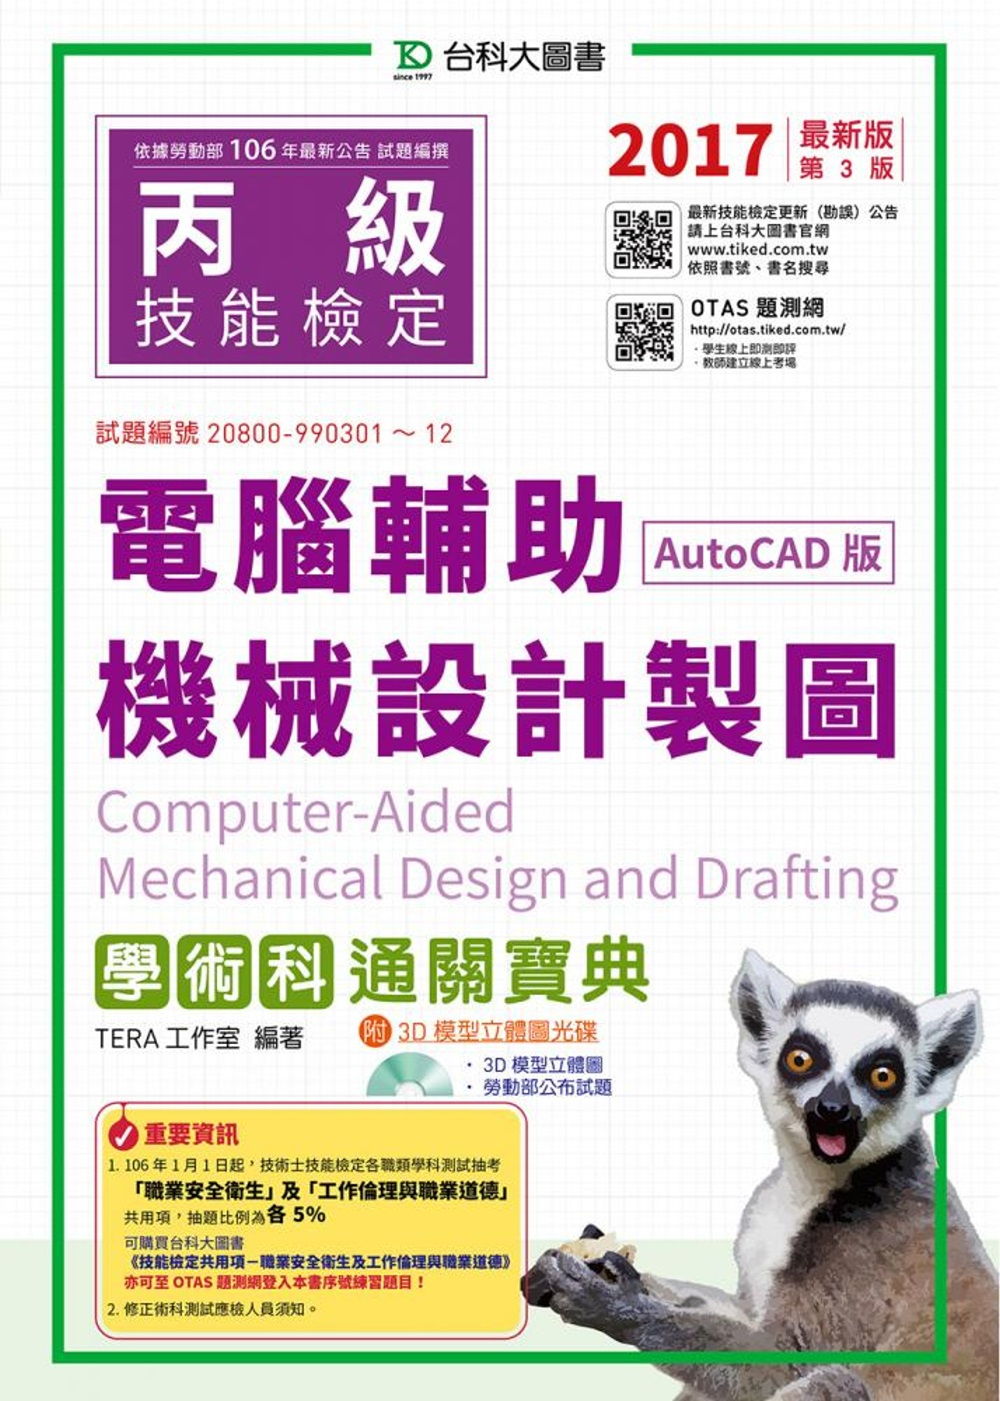 丙級電腦輔助機械設計製圖學術科通關寶典(AutoCAD版):2017年最新版(第三版)(附贈OTAS題測系統)